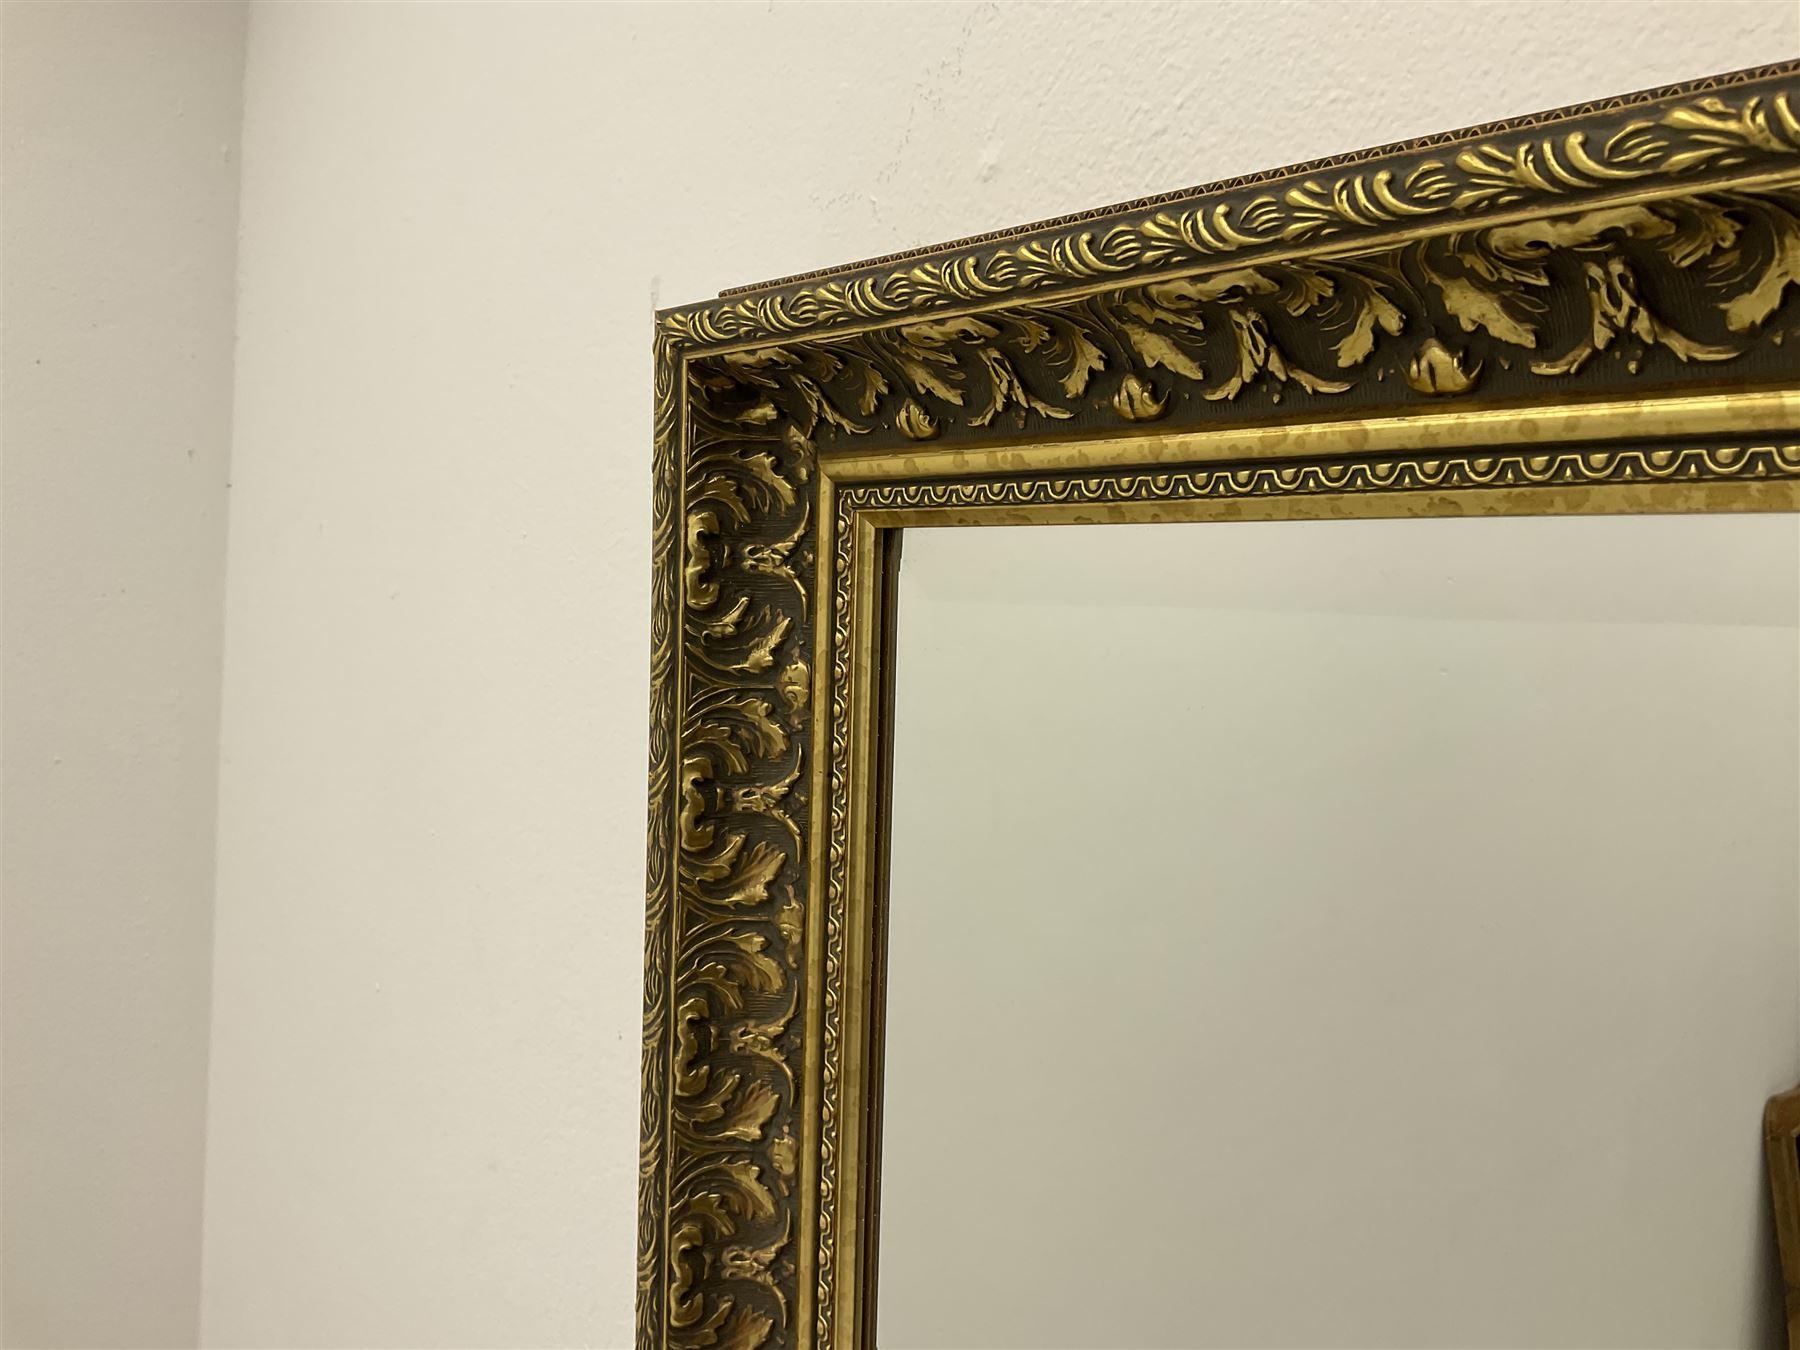 Rectangular ribbed gilt framed bevelled edge wall mirror and a rectangular wall mirror in swag frame - Image 2 of 3